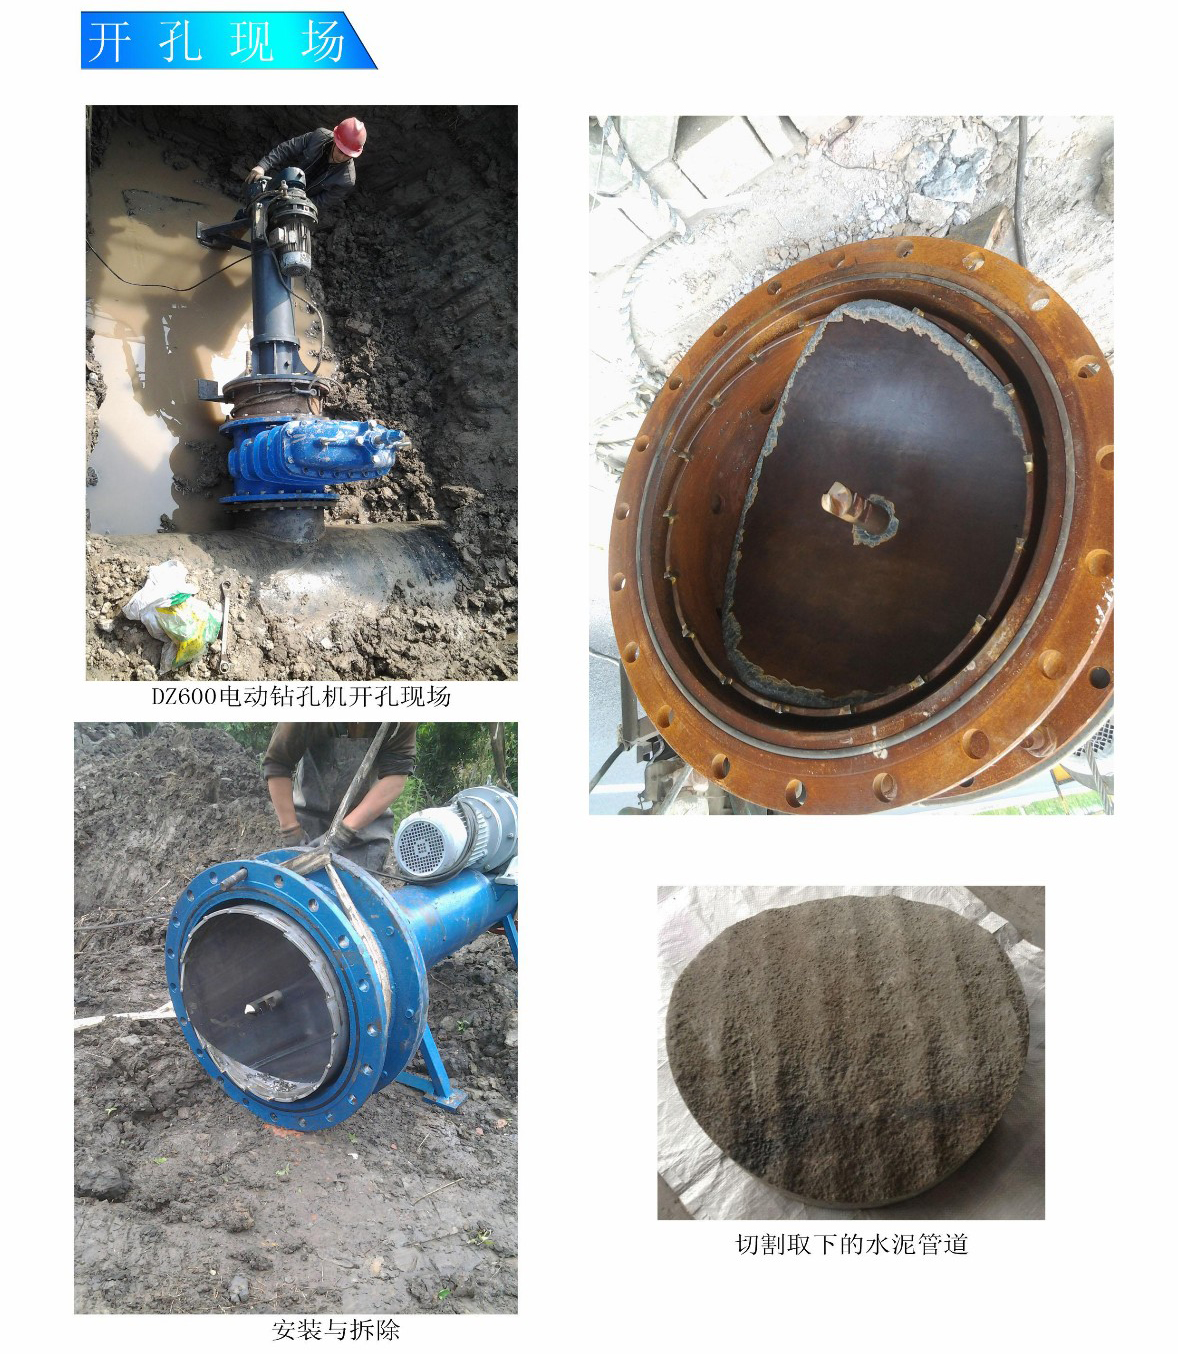 三英管道开孔机工程施工 管道破损快速抢修器 重庆三英管道设备有限公司